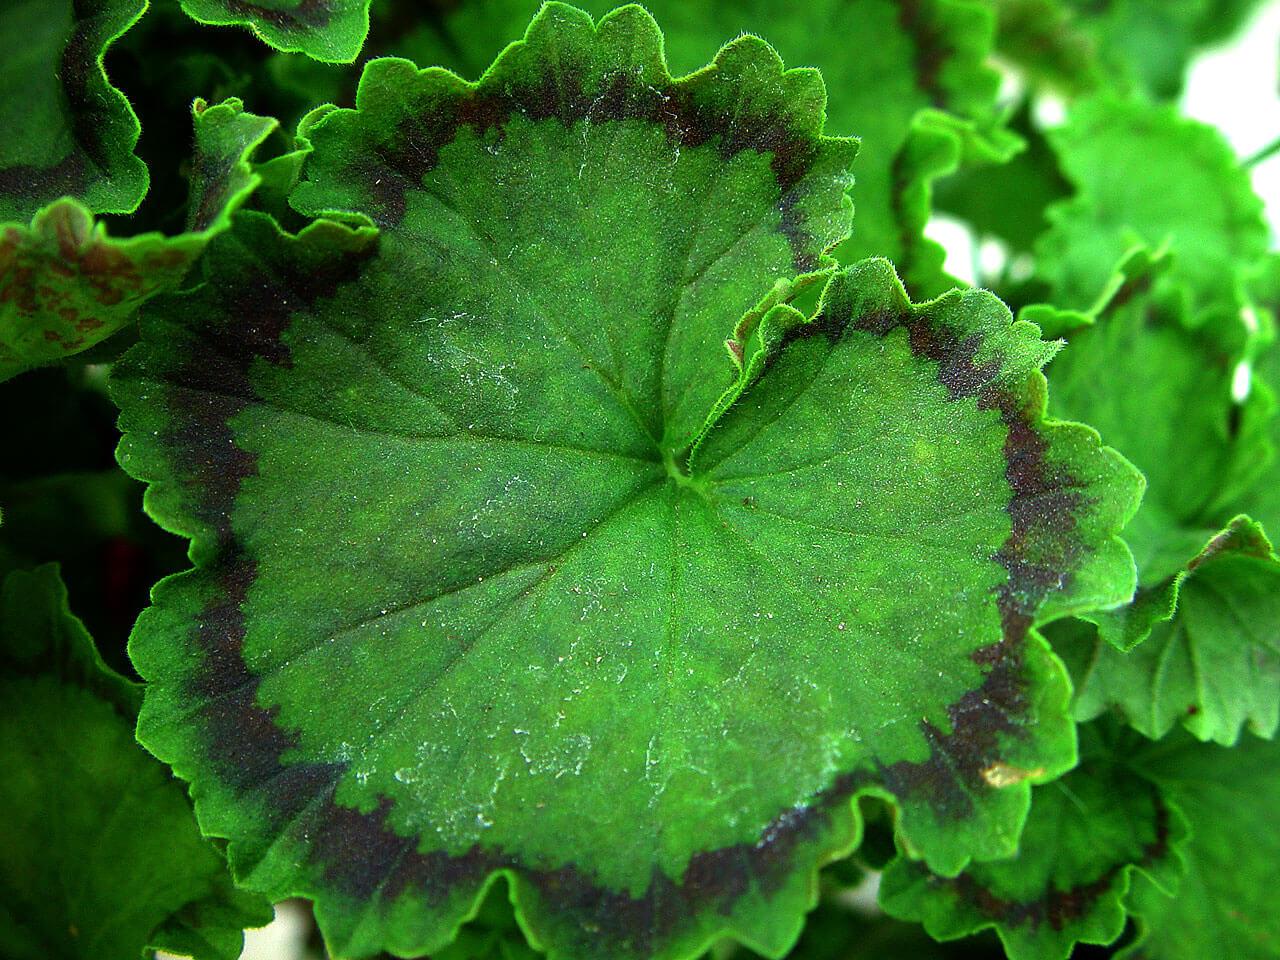 Особенности цветения пеларгонии Distinction и все, что нужно знать о данном сорте